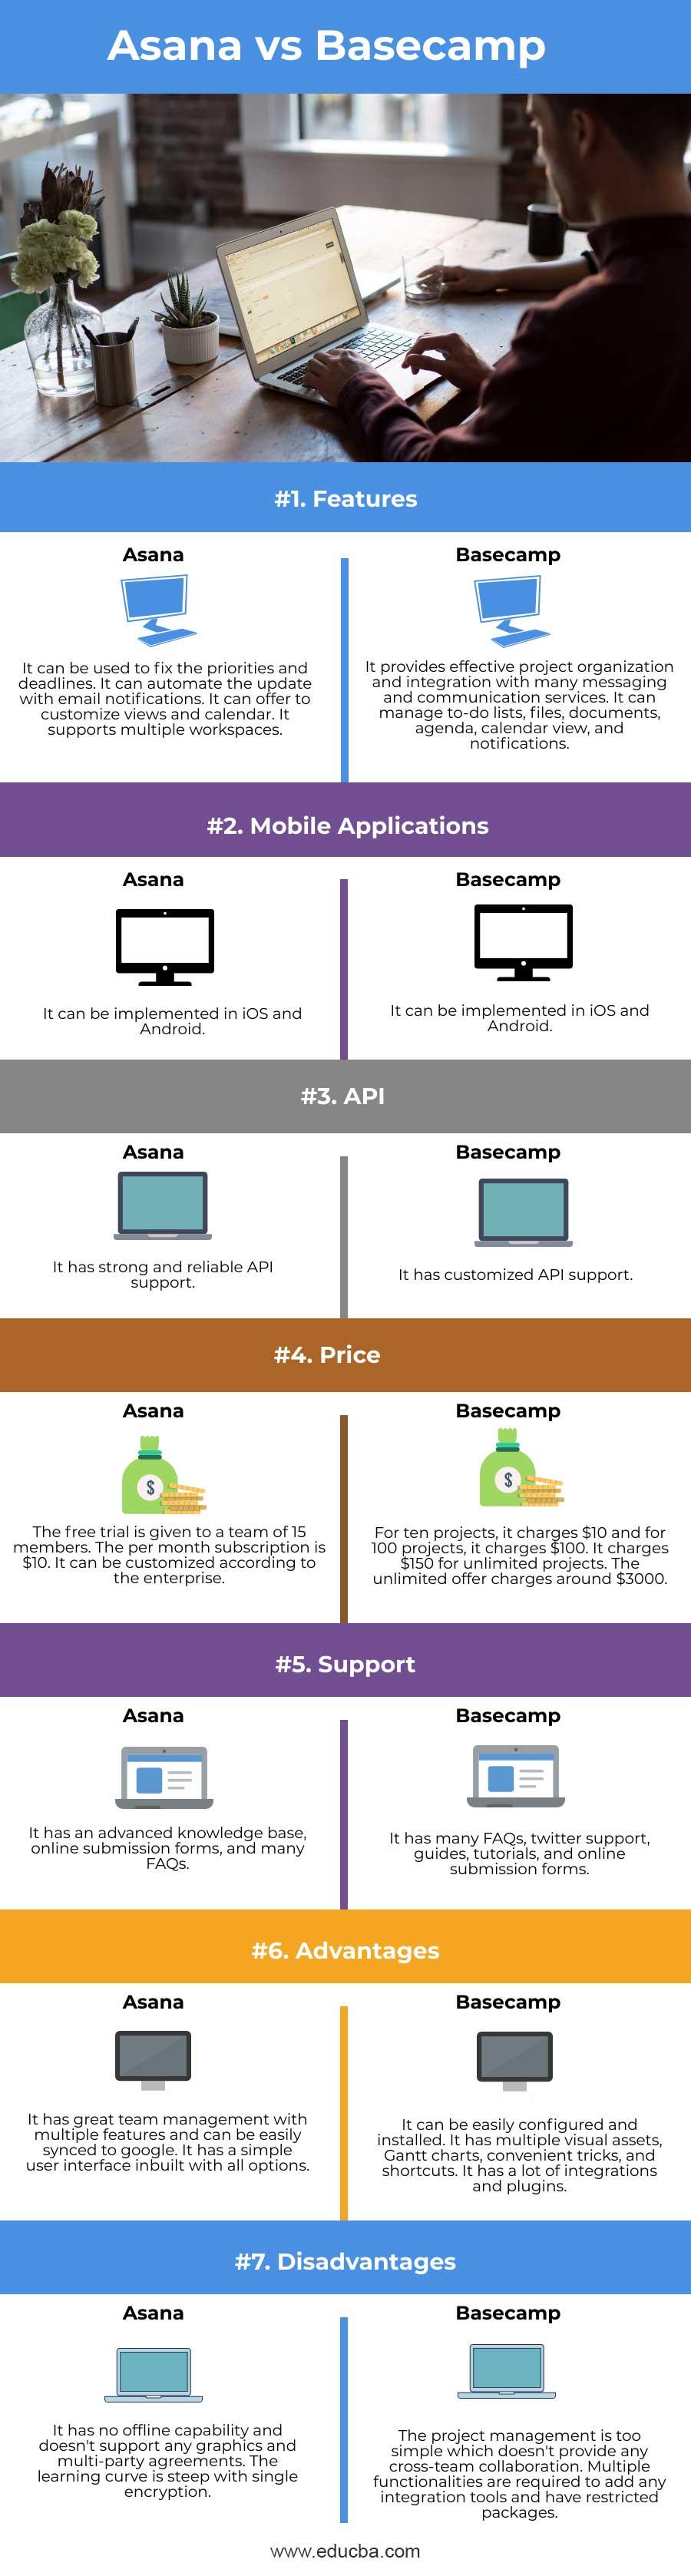 Asana-vs-Basecamp-info